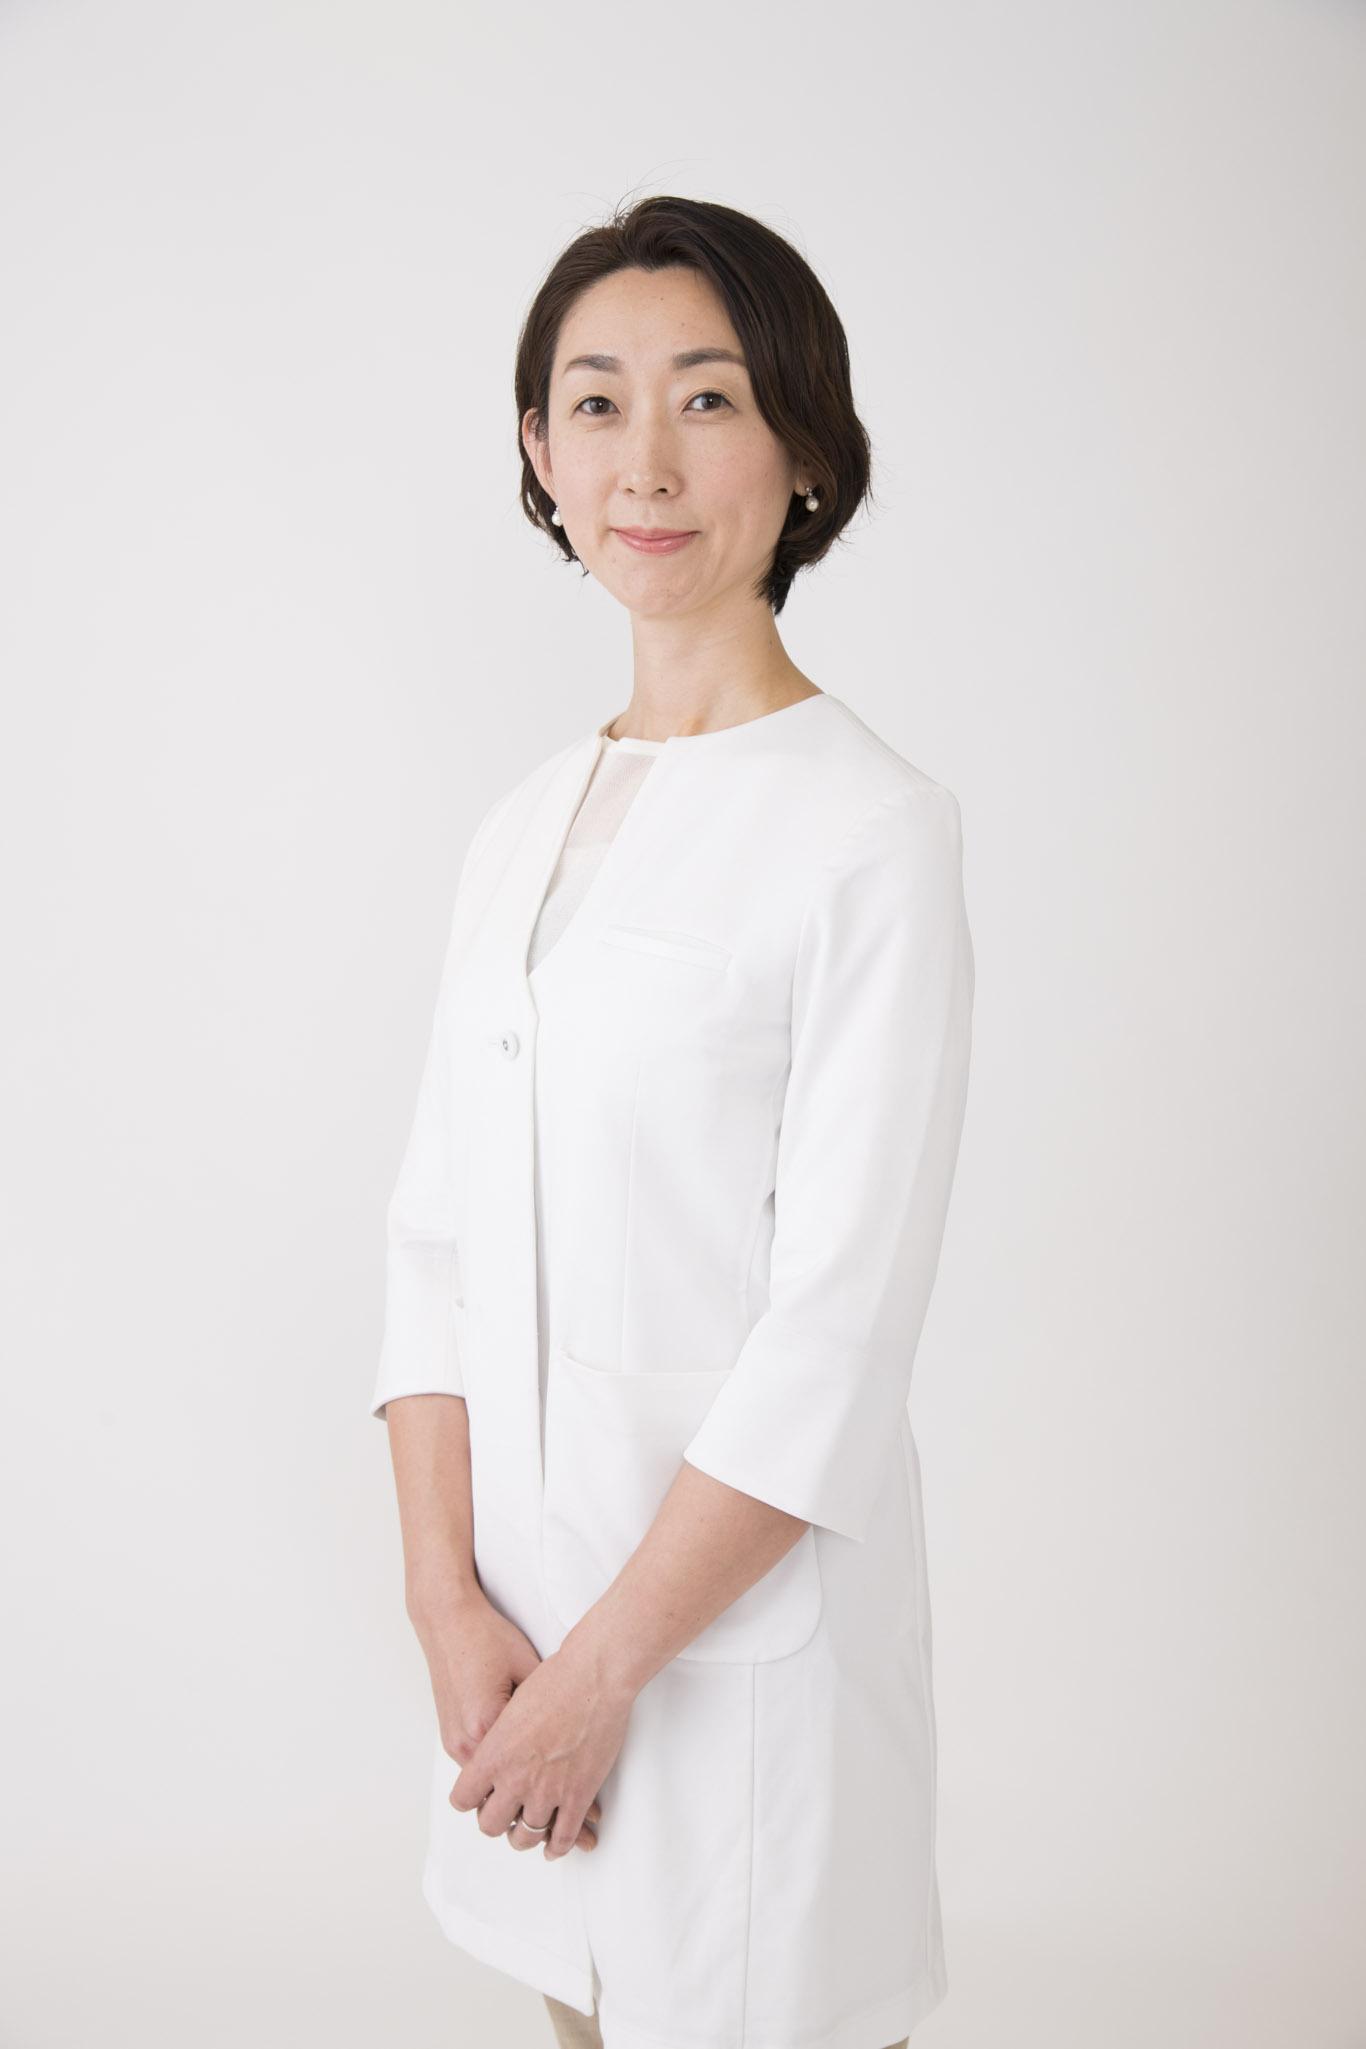 山下あきこ先生の写真